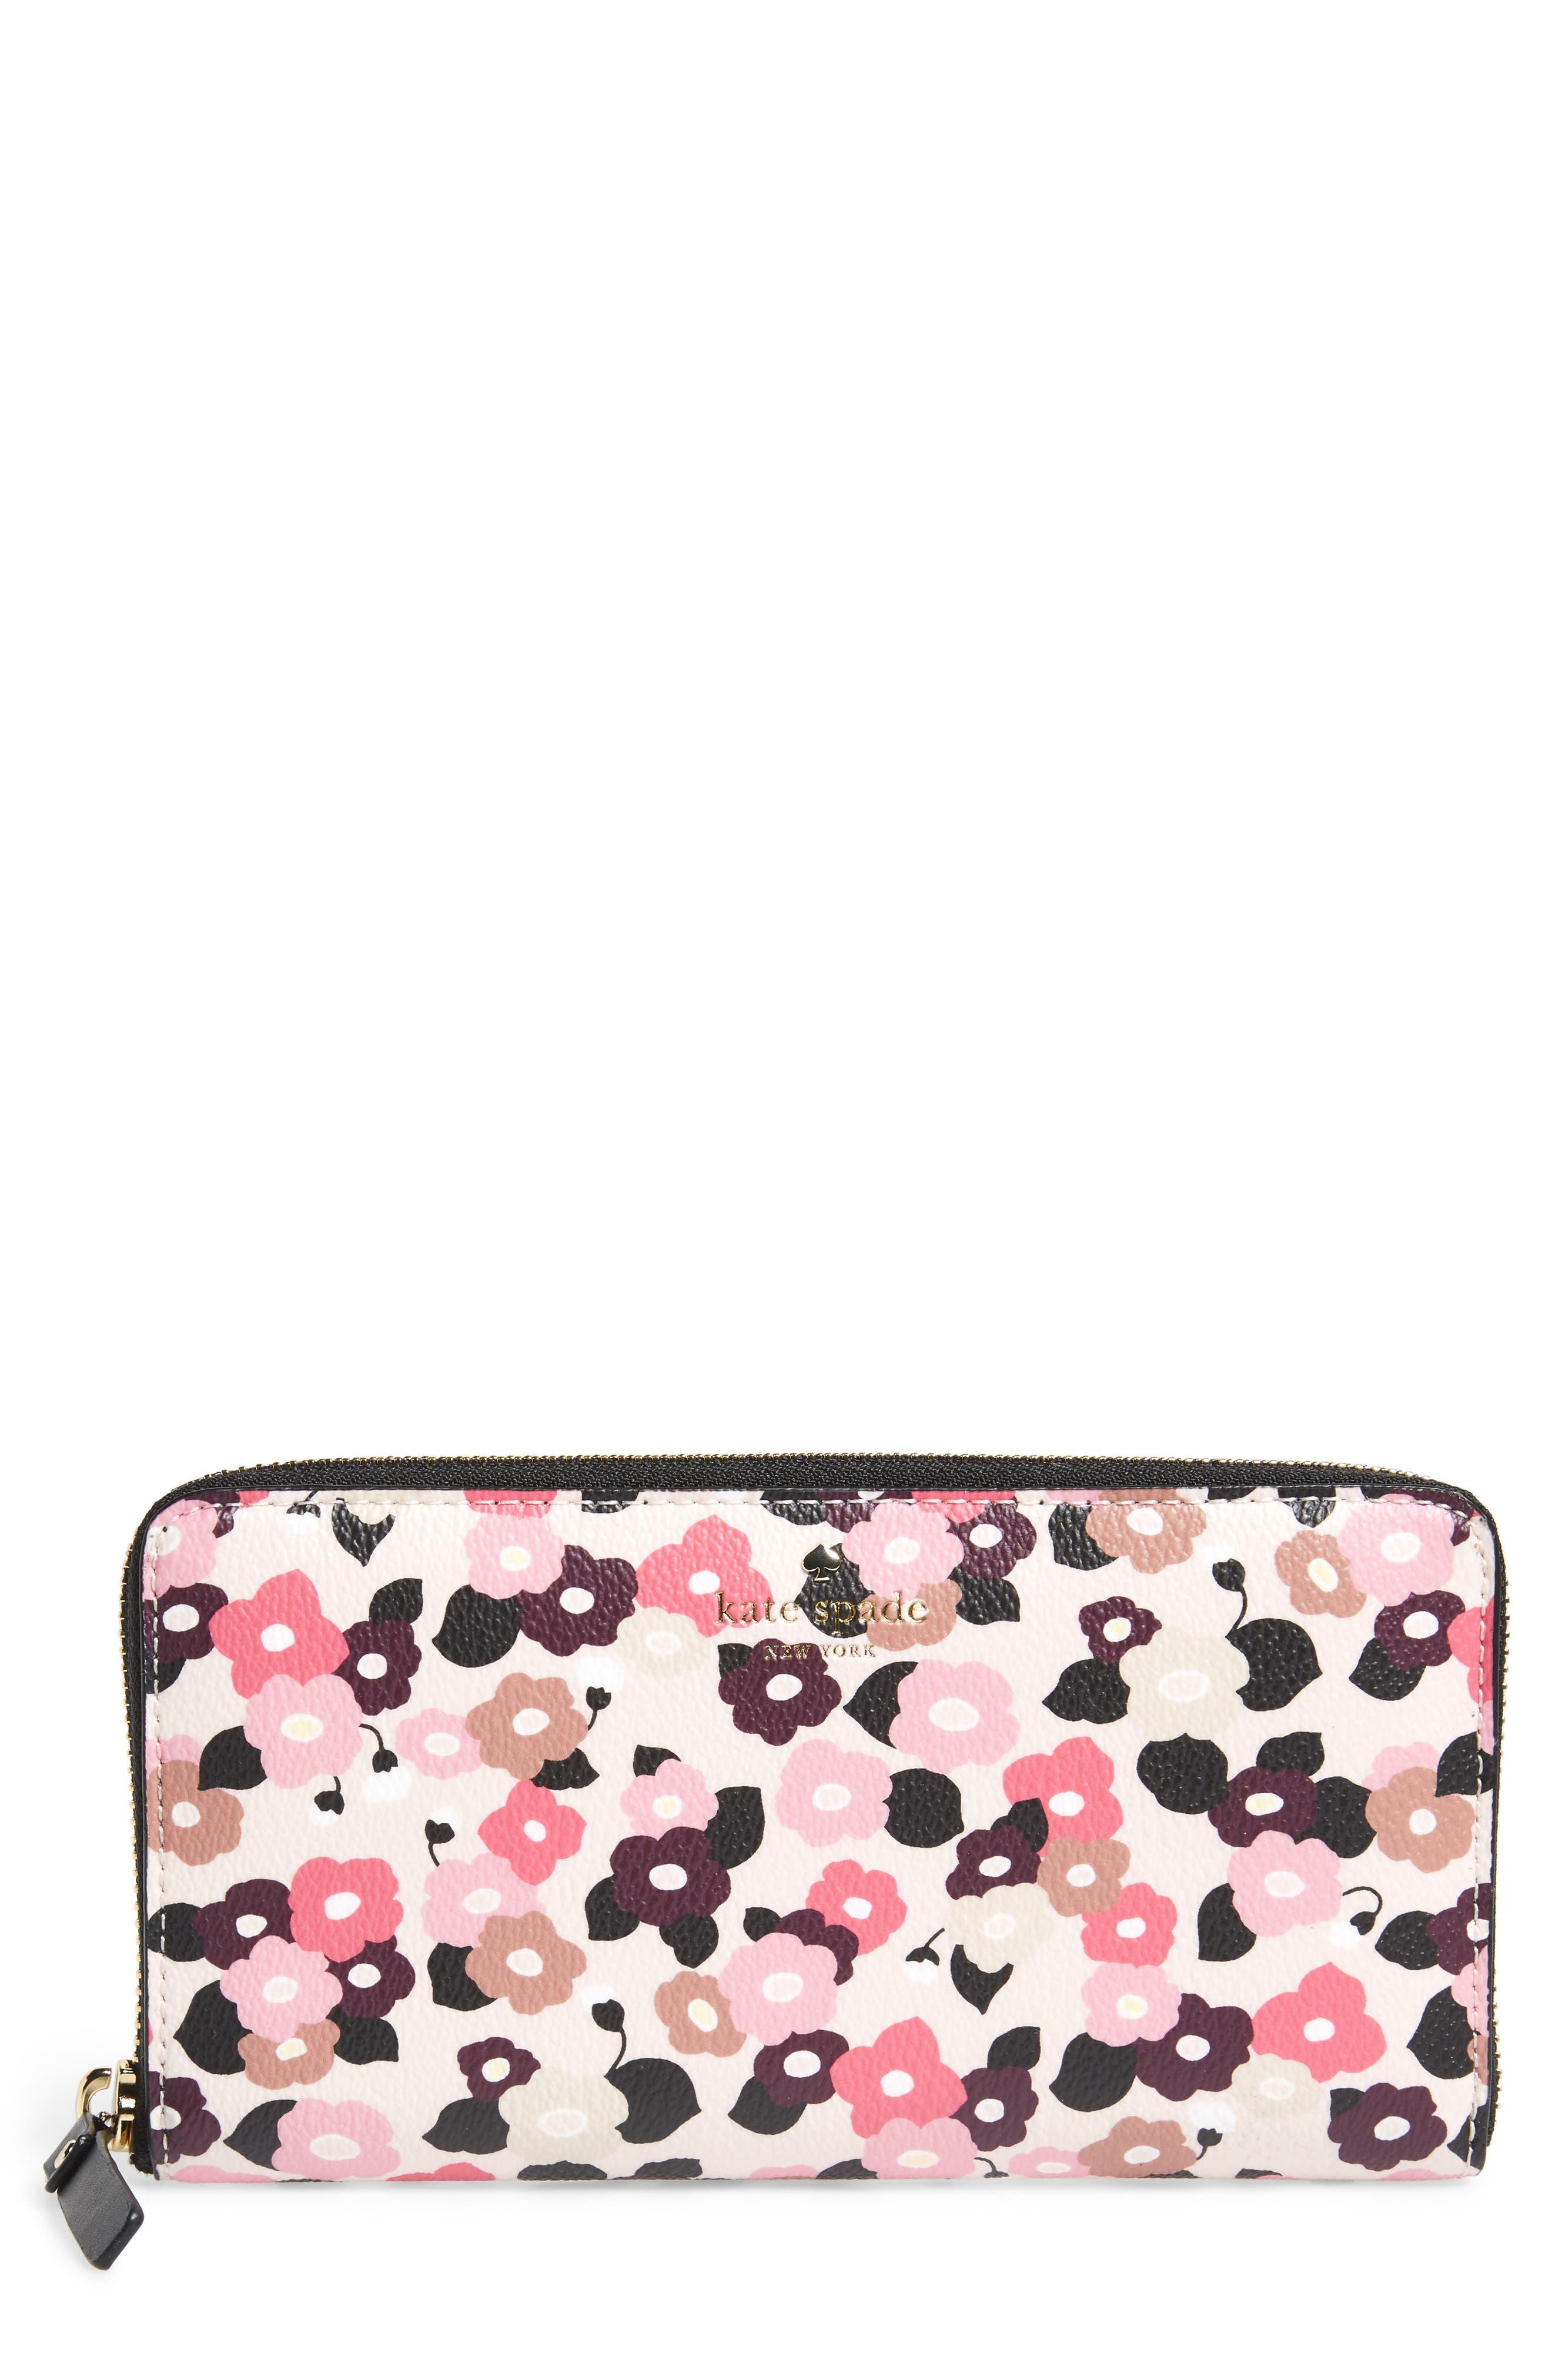 hyde lane michele floral faux leather wallet,                             Main thumbnail 1, color,                             687